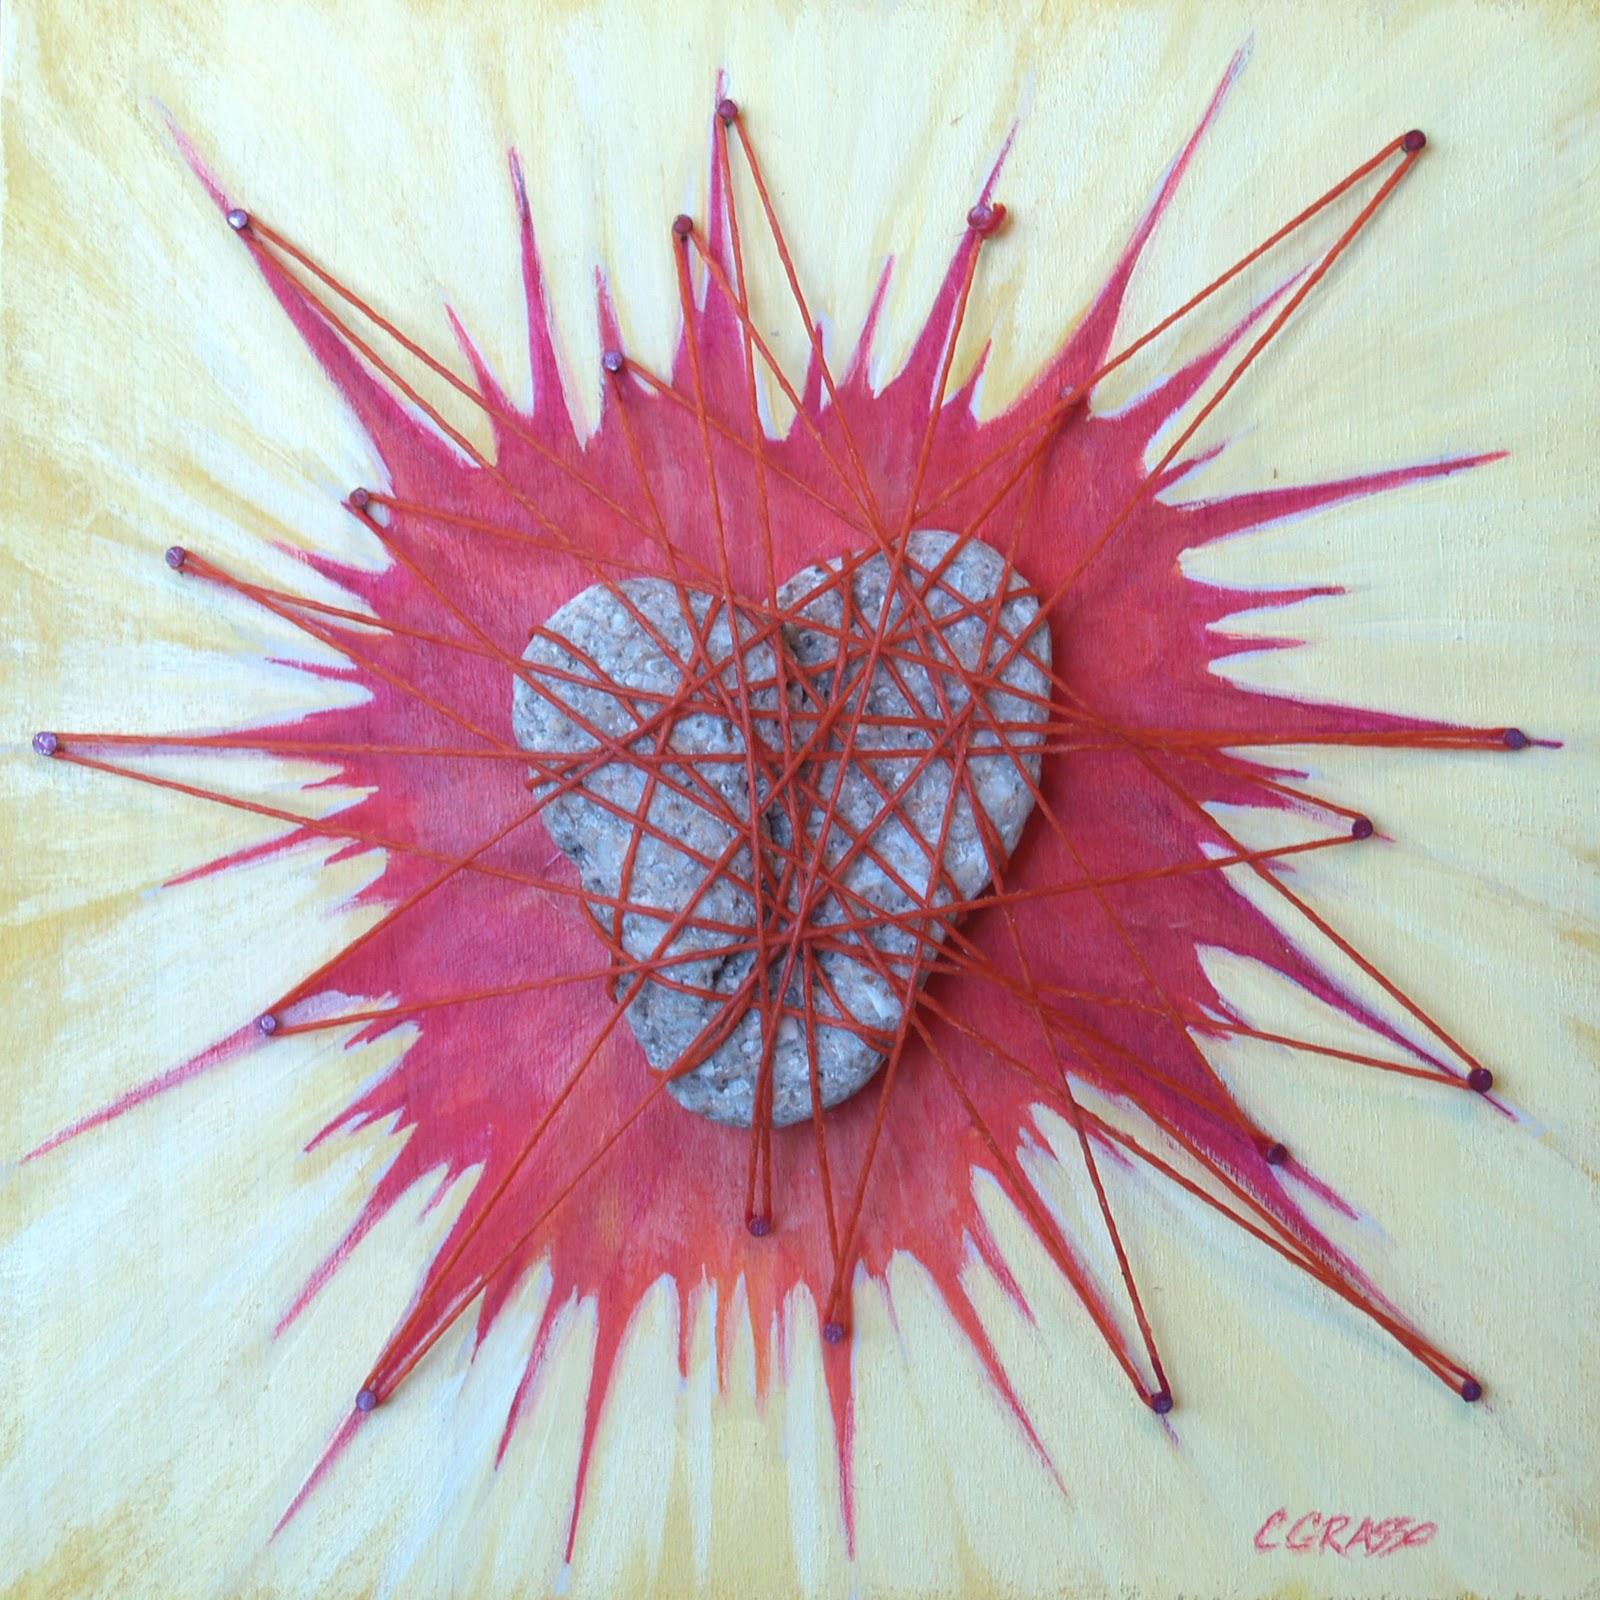 http://1.bp.blogspot.com/_XF2snmuATyw/TU9xvWHqMwI/AAAAAAAAA0Q/I1wikU_0JVg/s1600/Craig+Grasso+block+2.jpg